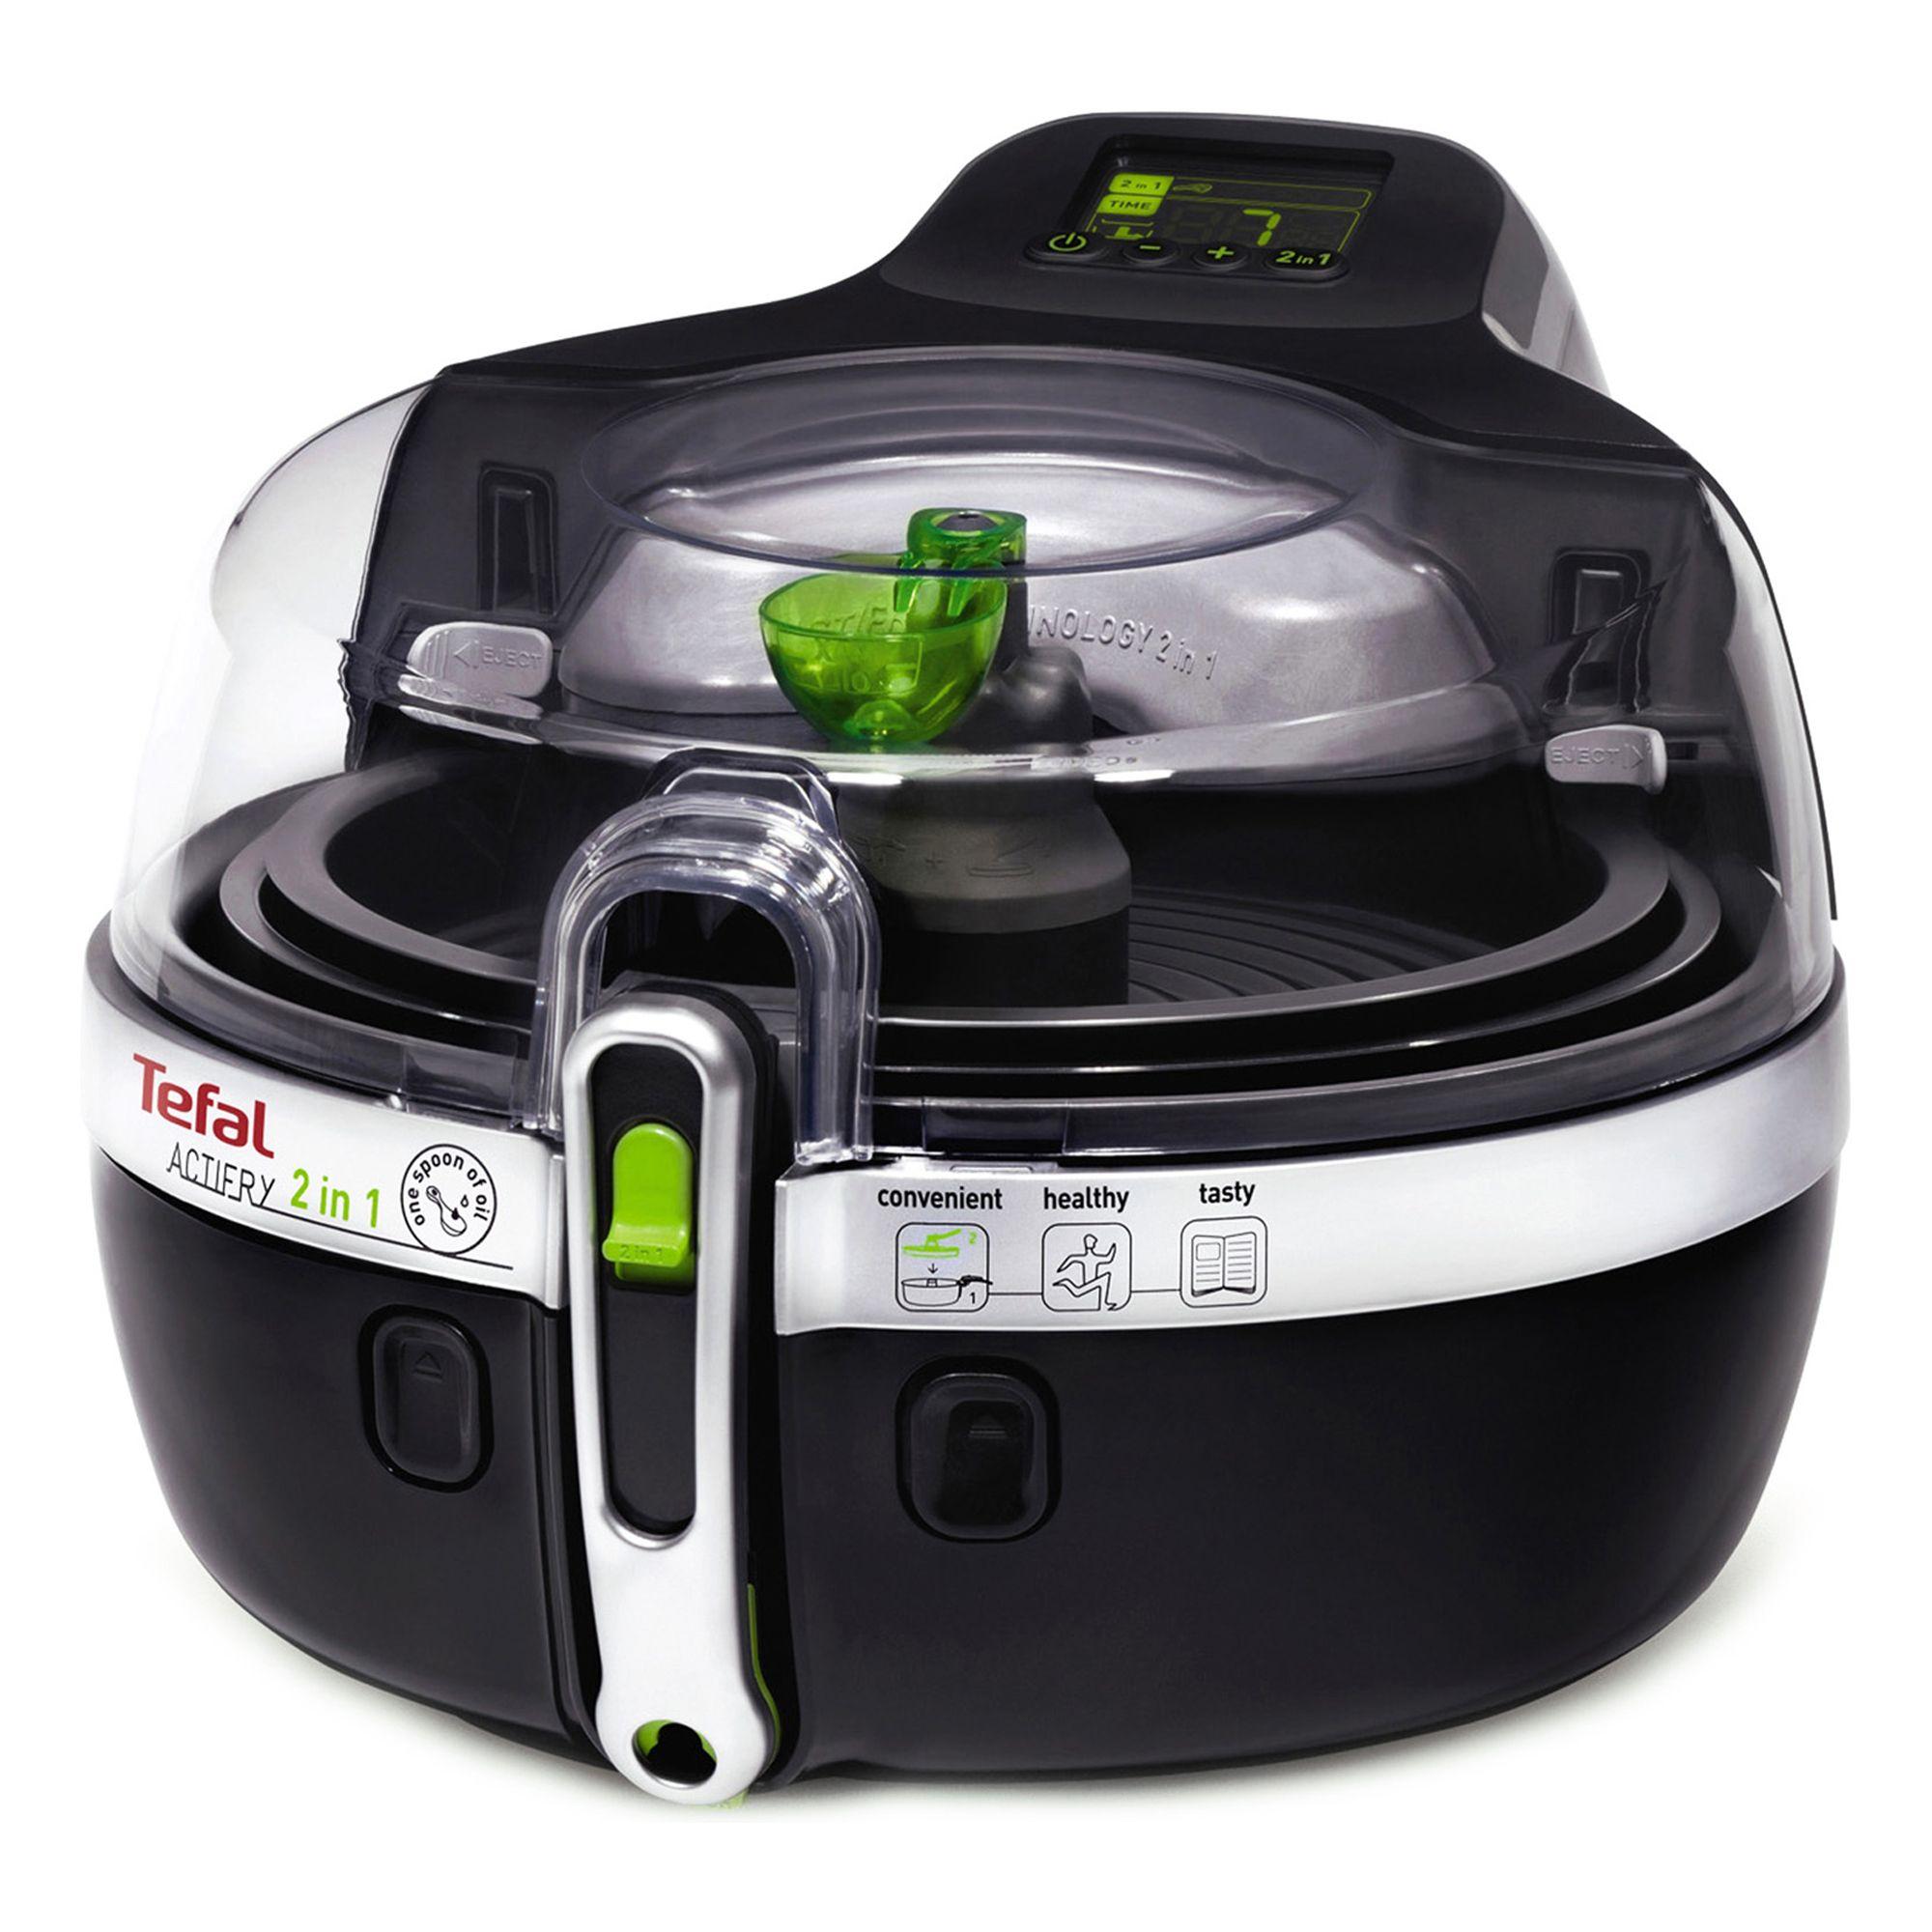 Robot de cocina freidora tefal 2 en 1 1500 W